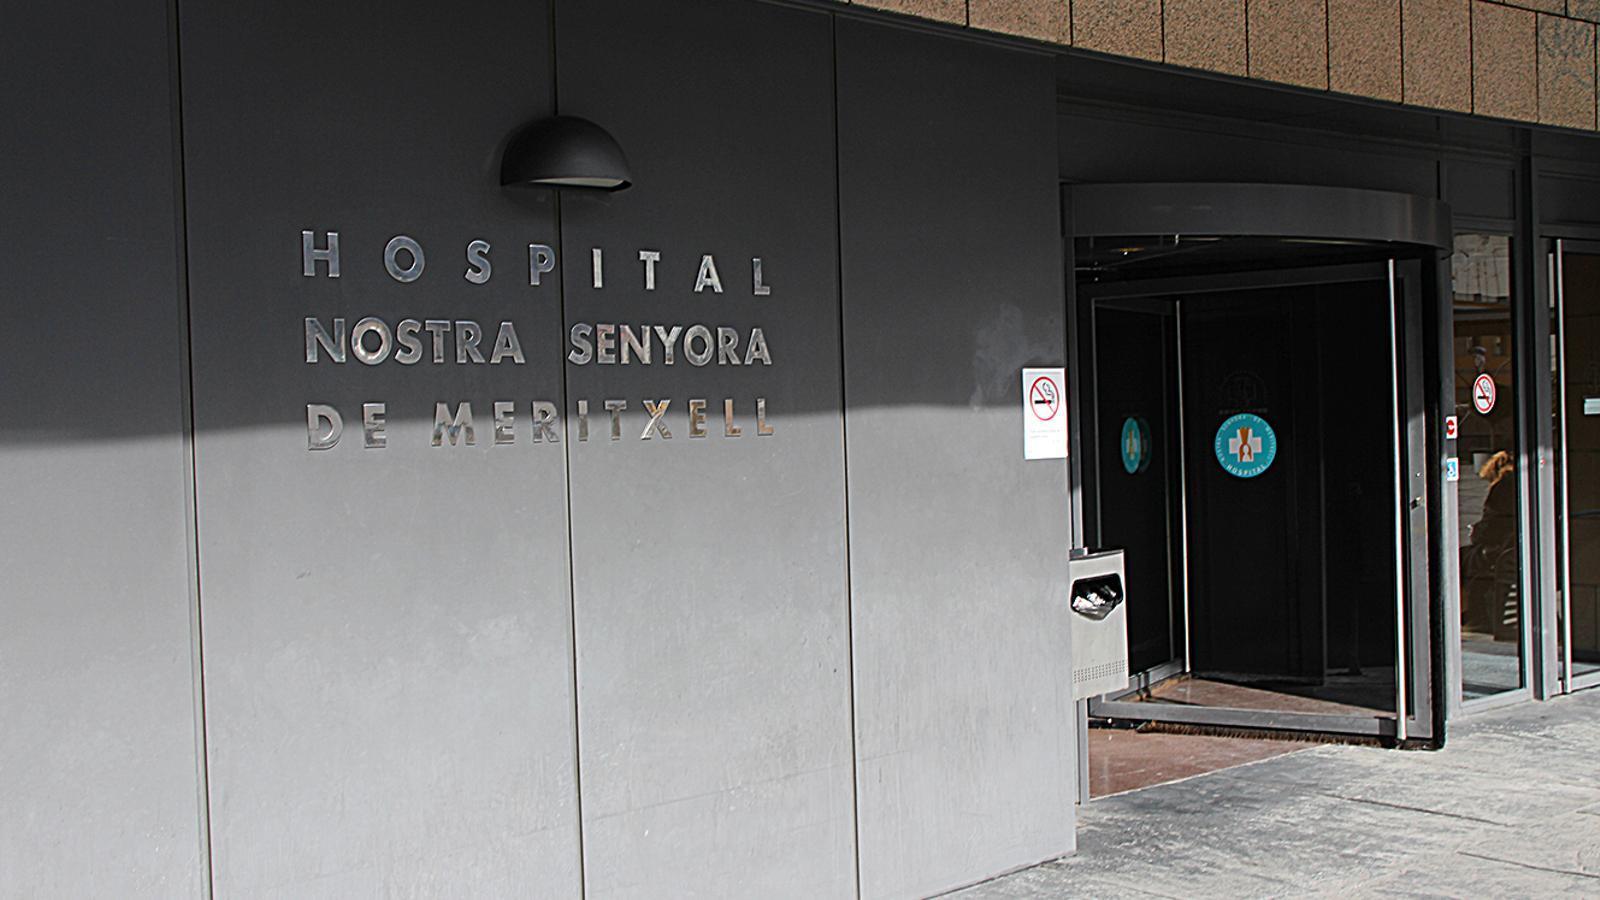 Imatge de l'hospital Nostra Senyora de Meritxell. / ARXIU ANA